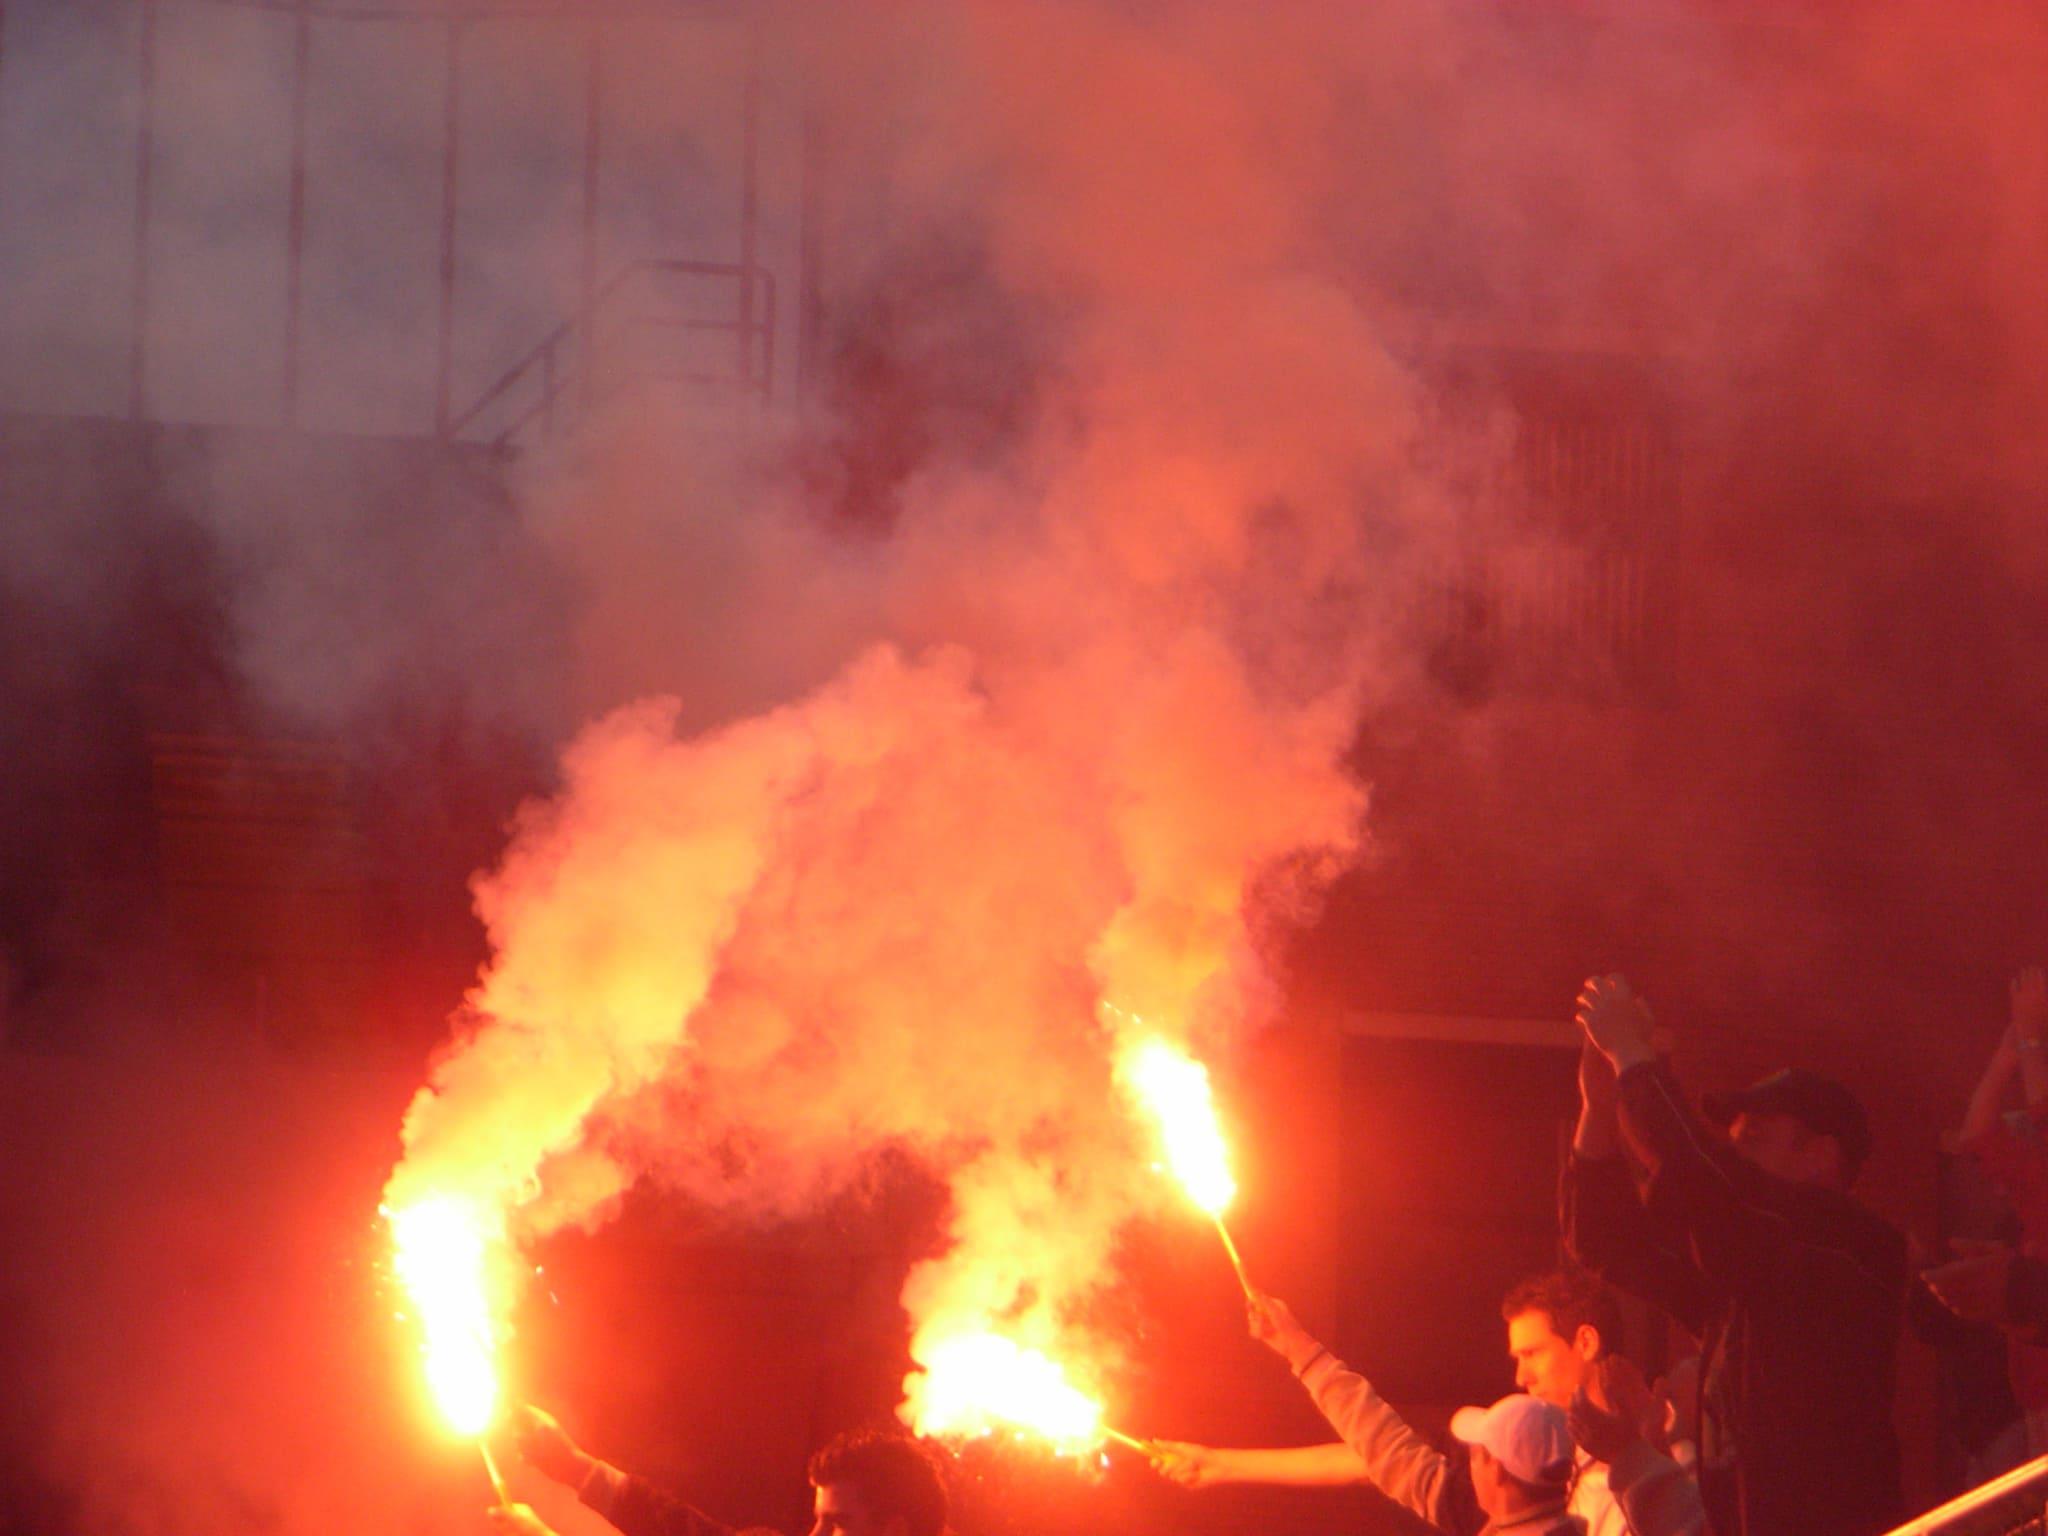 Fakkels bij Jong NAC - Roda (2007)